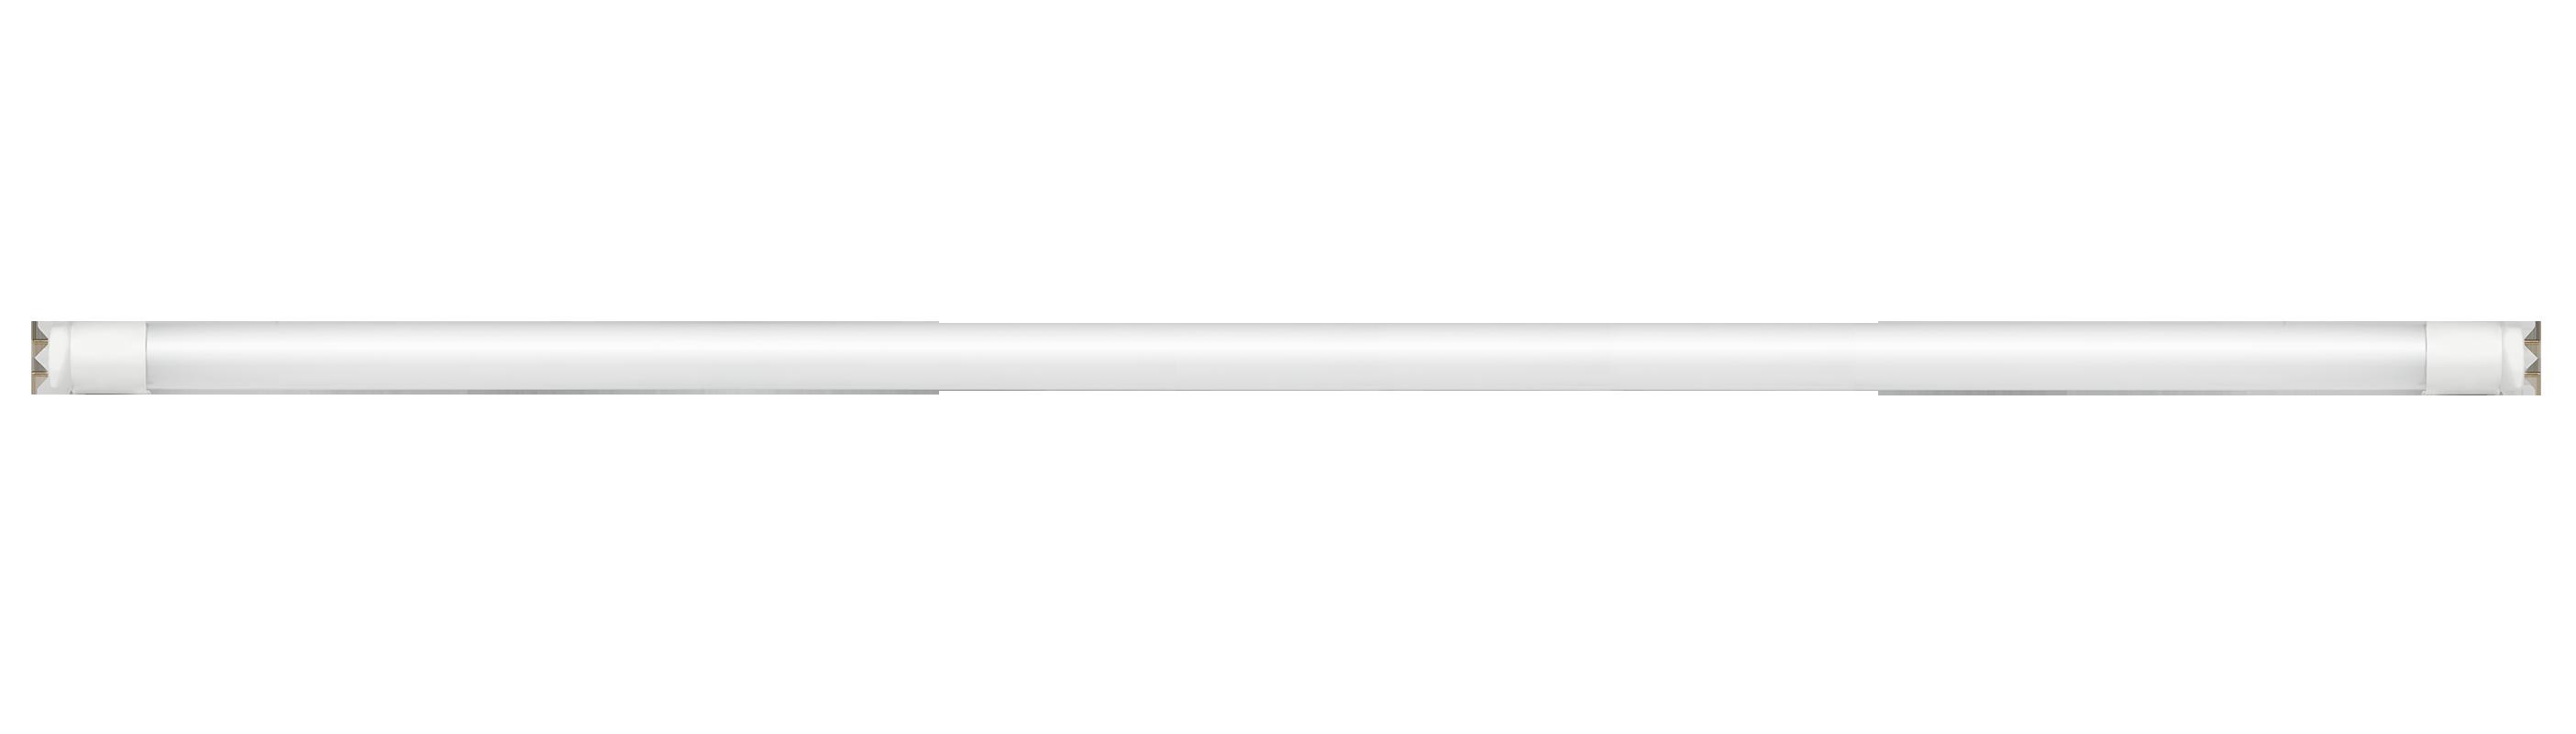 Купить Лампа светодиодная ASD 4690612003610 18Вт 160-260В G13 4000К 1440Лм 1200мм T8-st